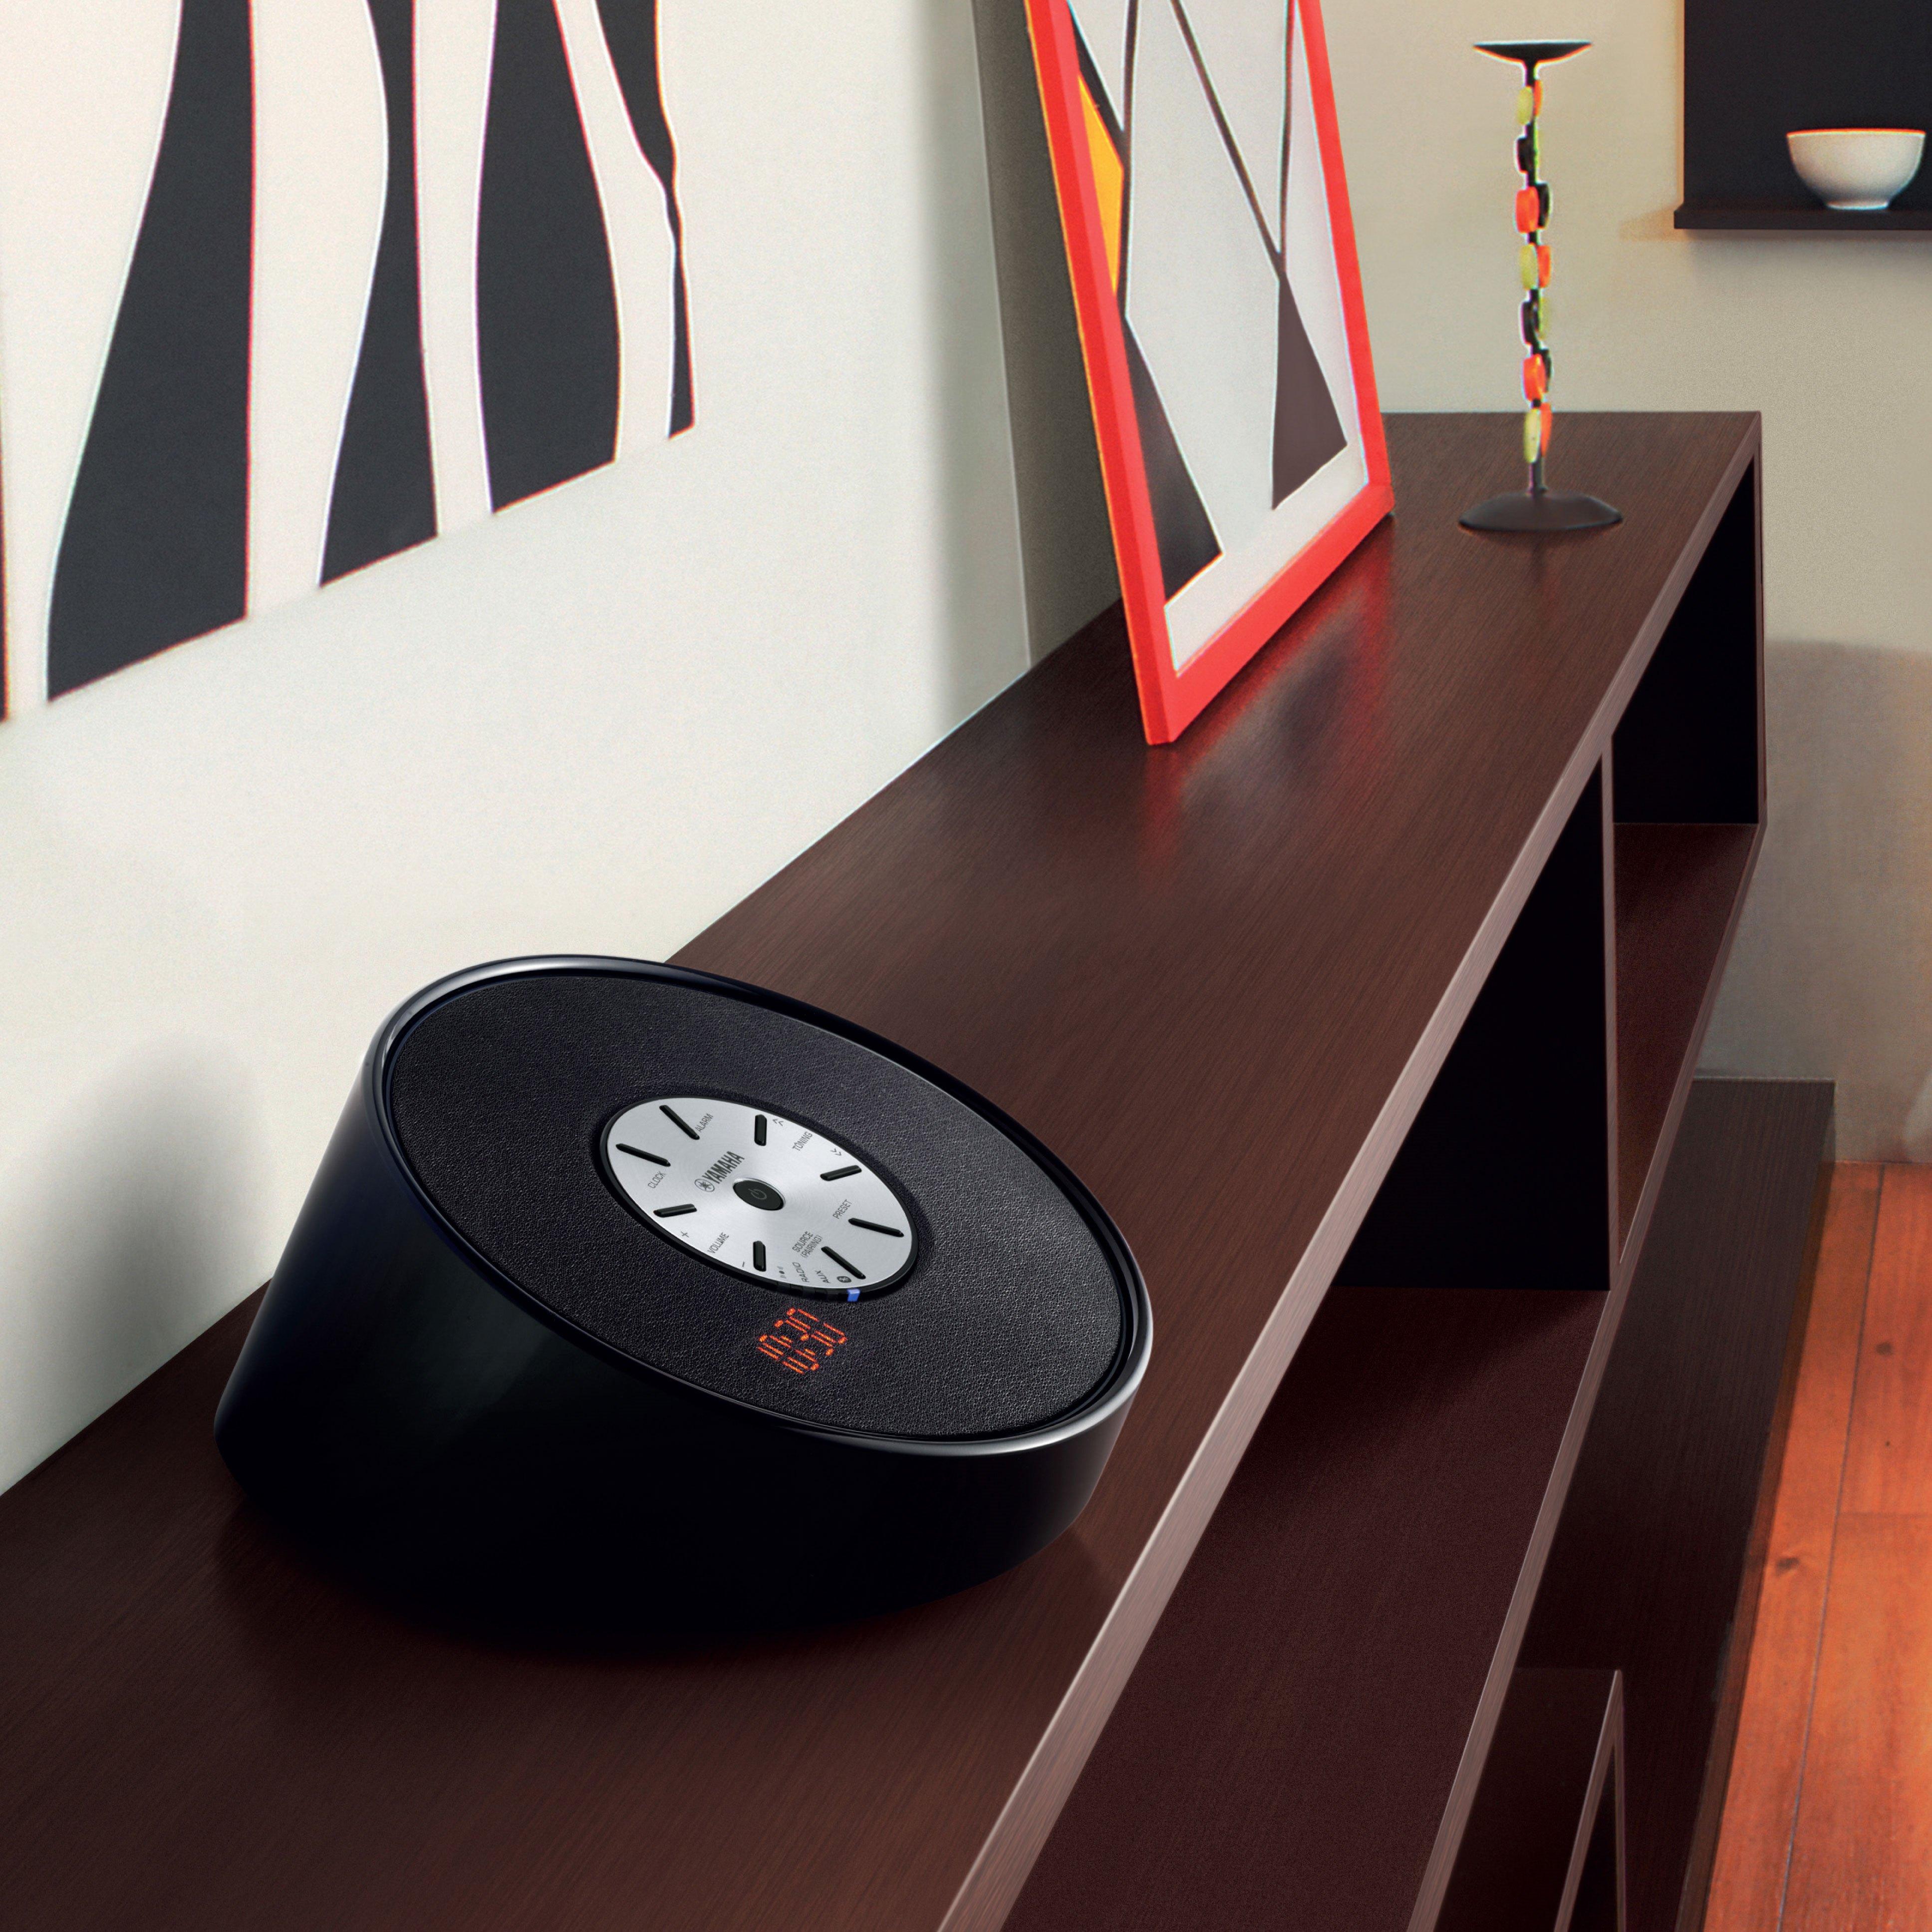 Аудиосистема для дома в оригинальном дизайне